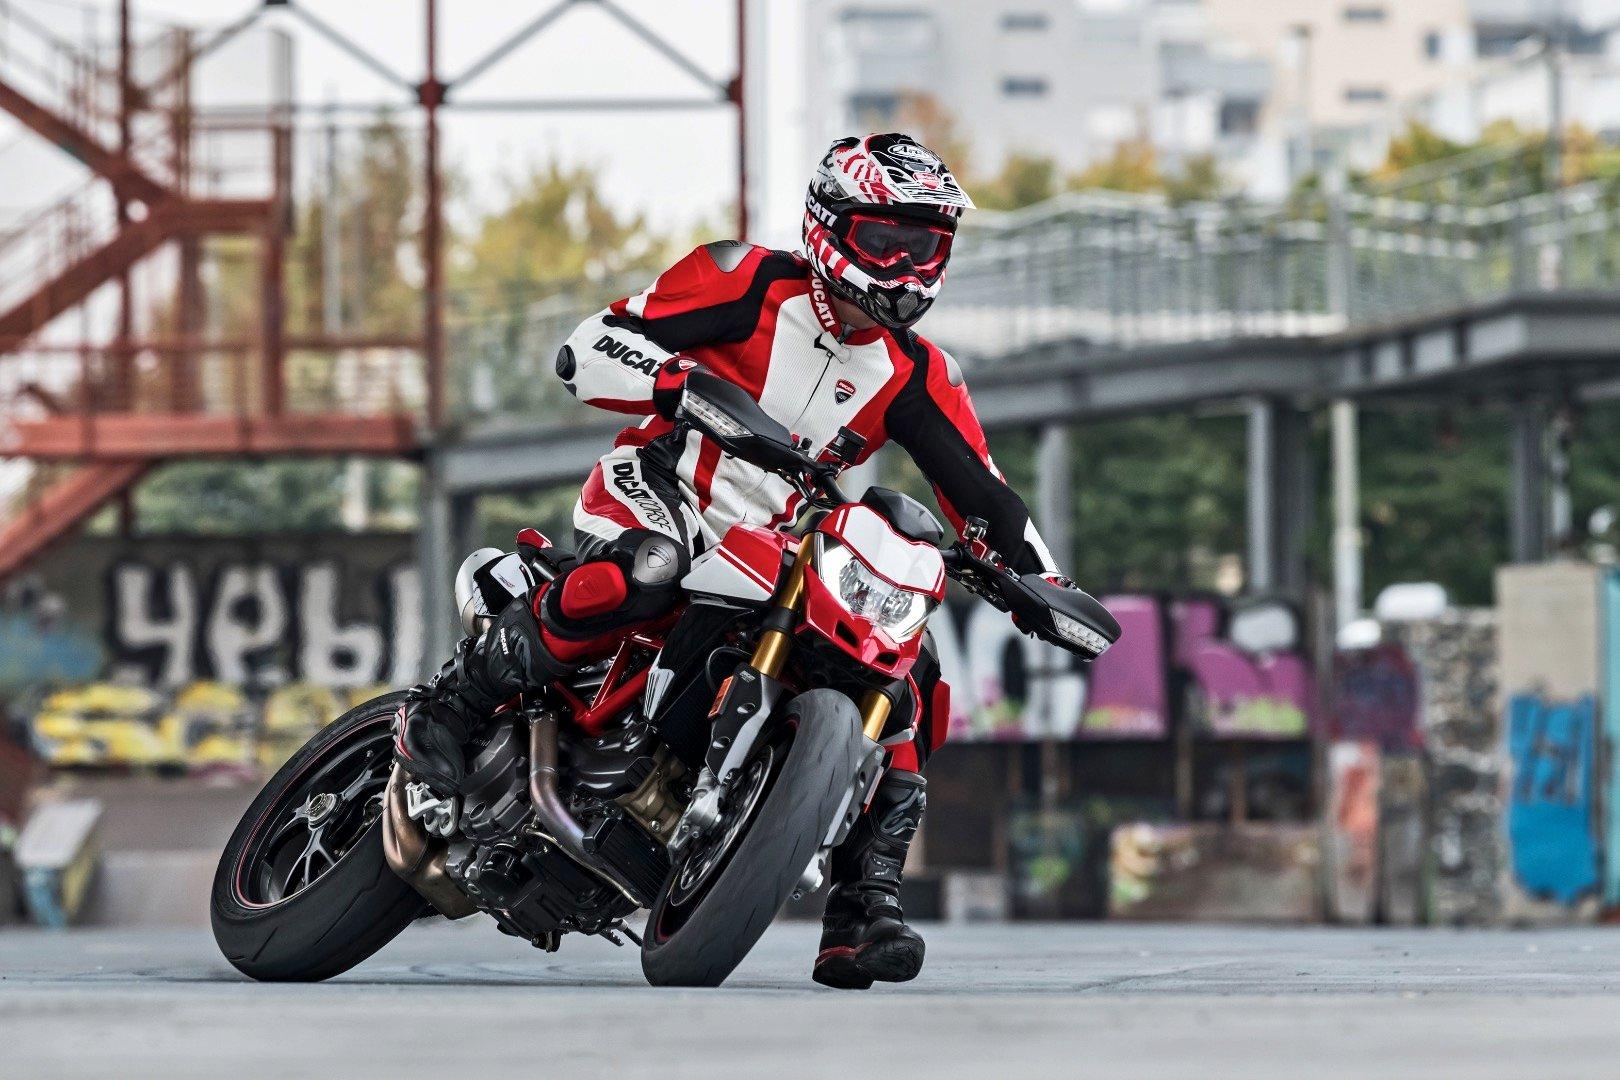 2019 Ducati Hypermotard 950 SP on motard style